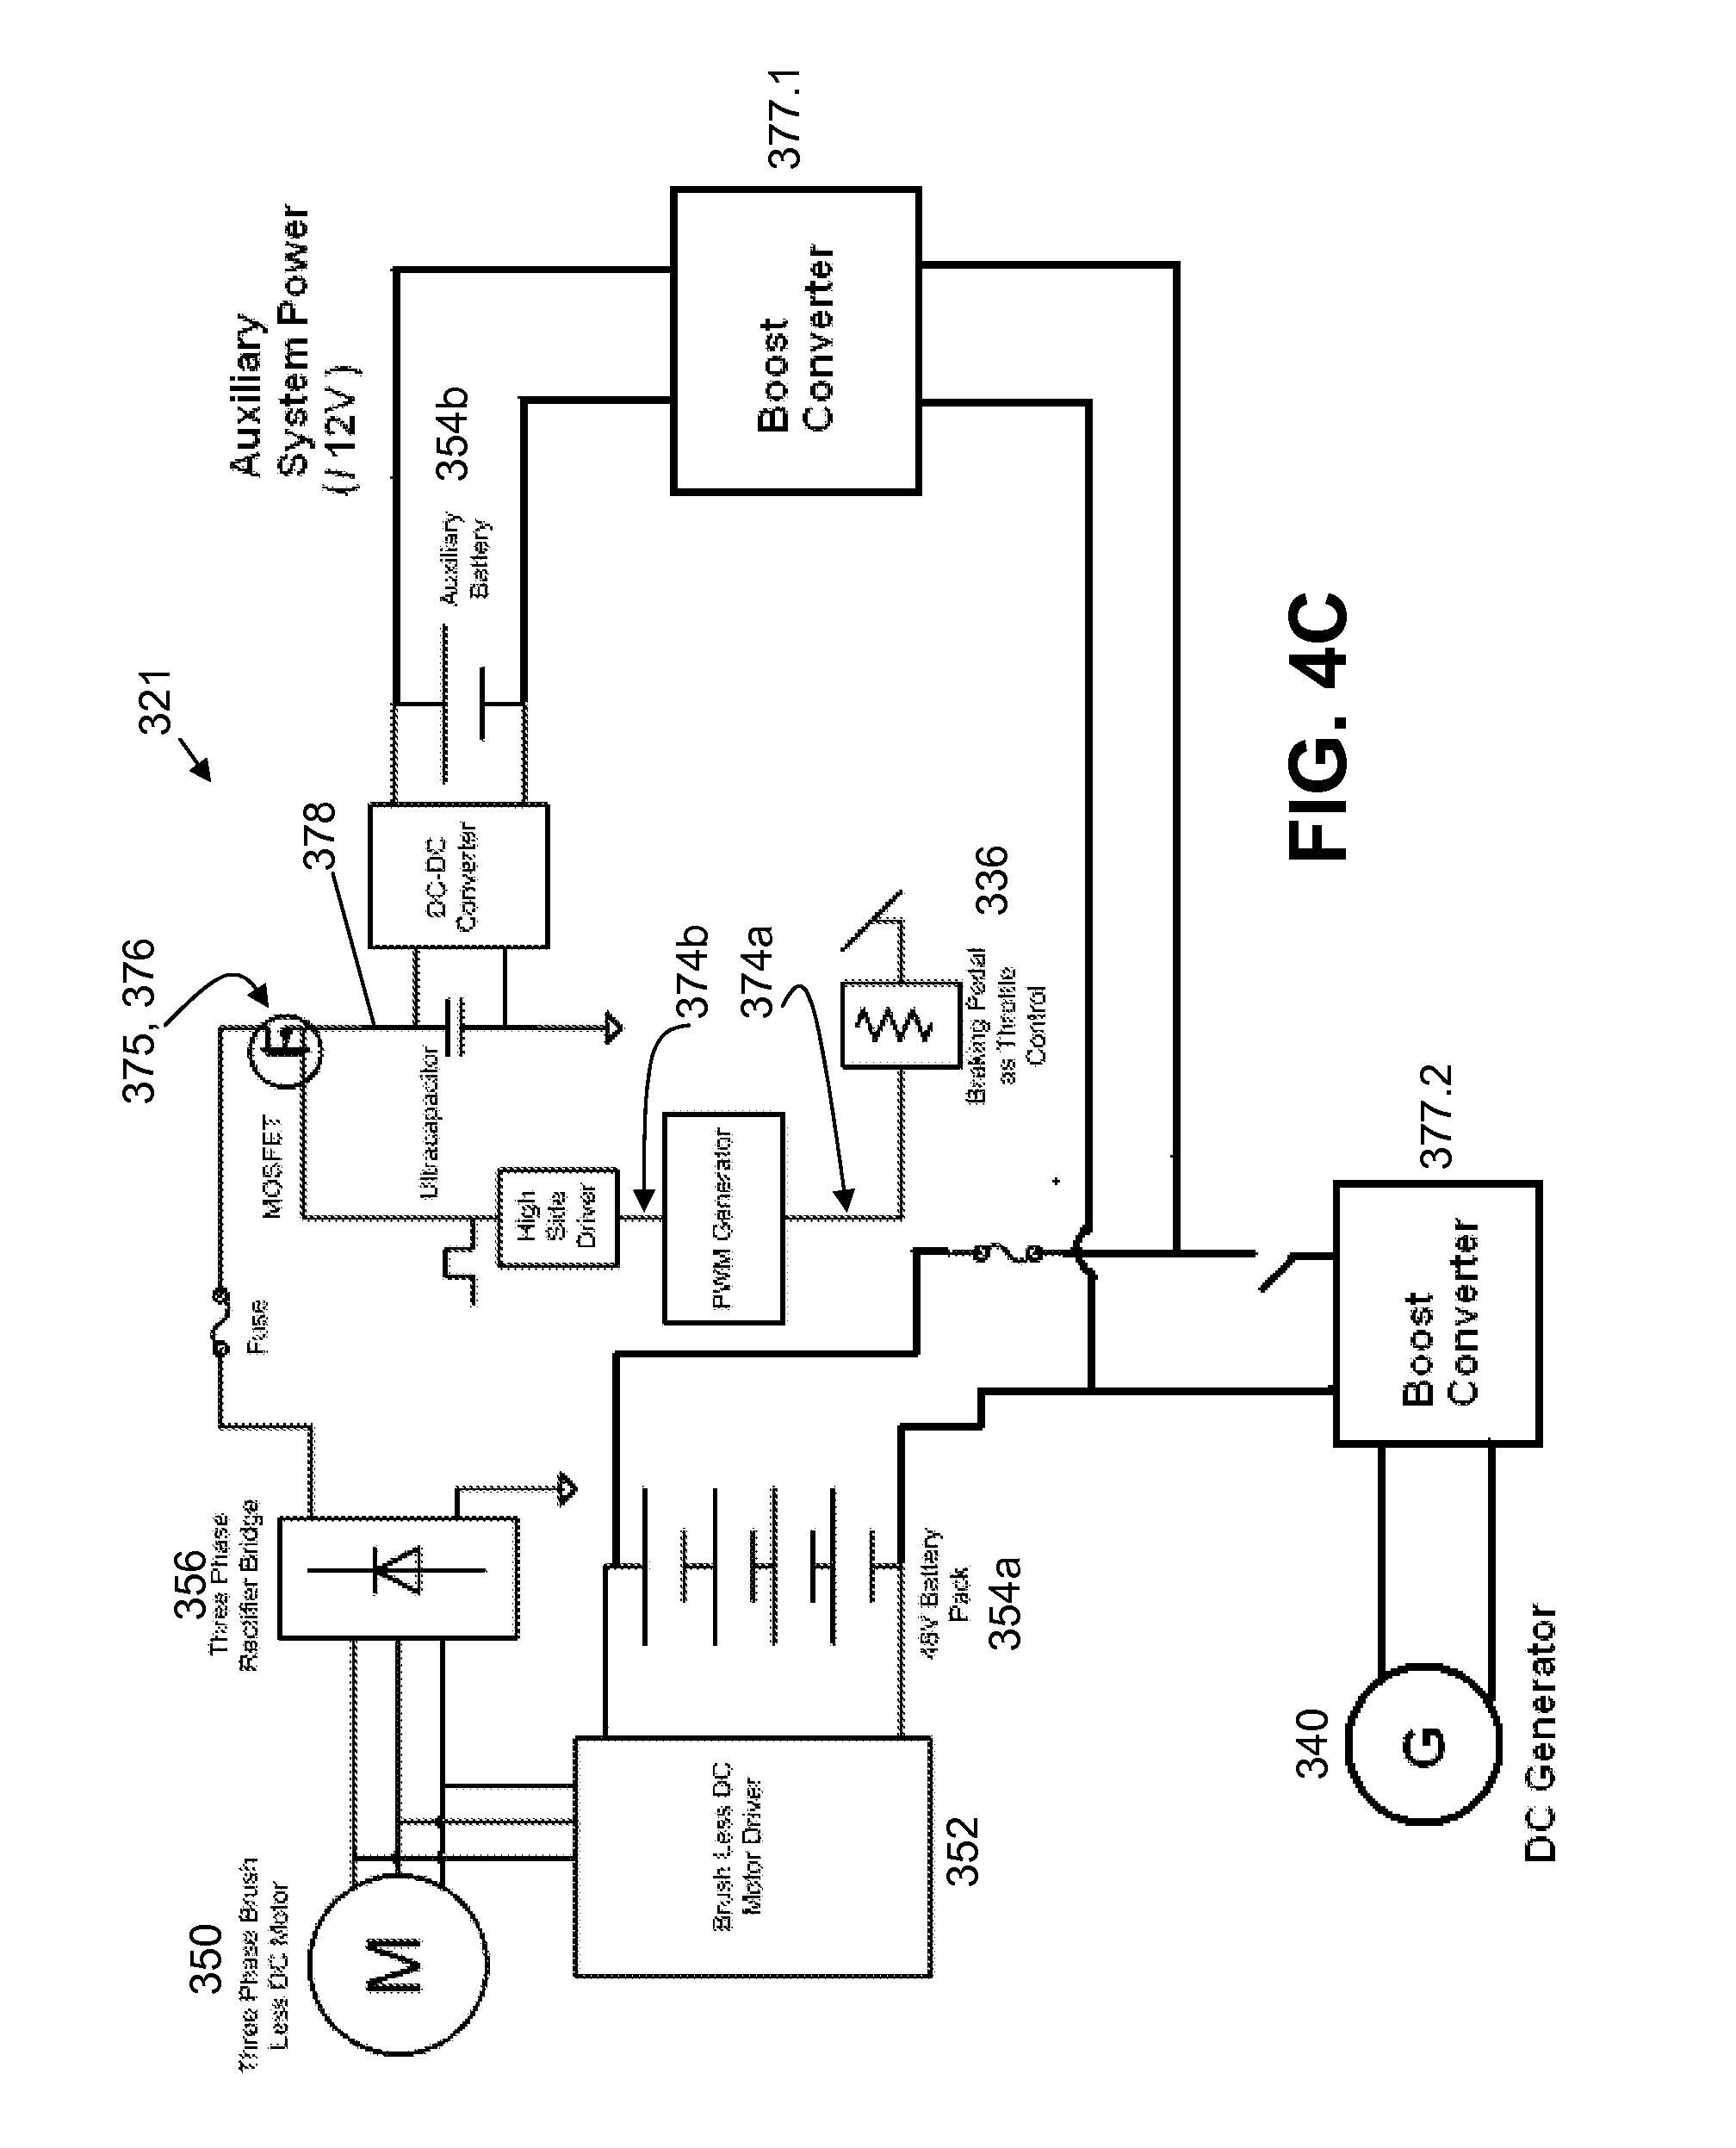 Patent Us8567547 Regenerative Braking Method Google Patenten 350 Qx Battery Wiring Diagram Drawing